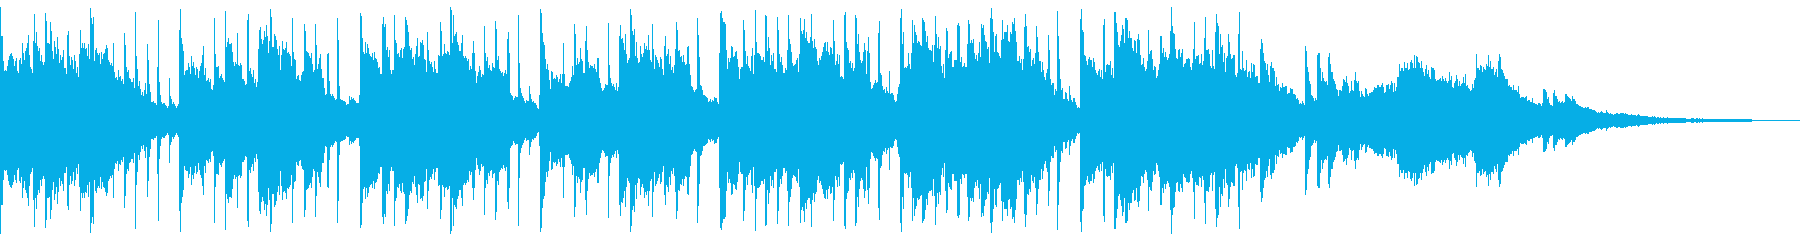 美しく緩やかな打楽器のピアノオスチナートの再生済みの波形